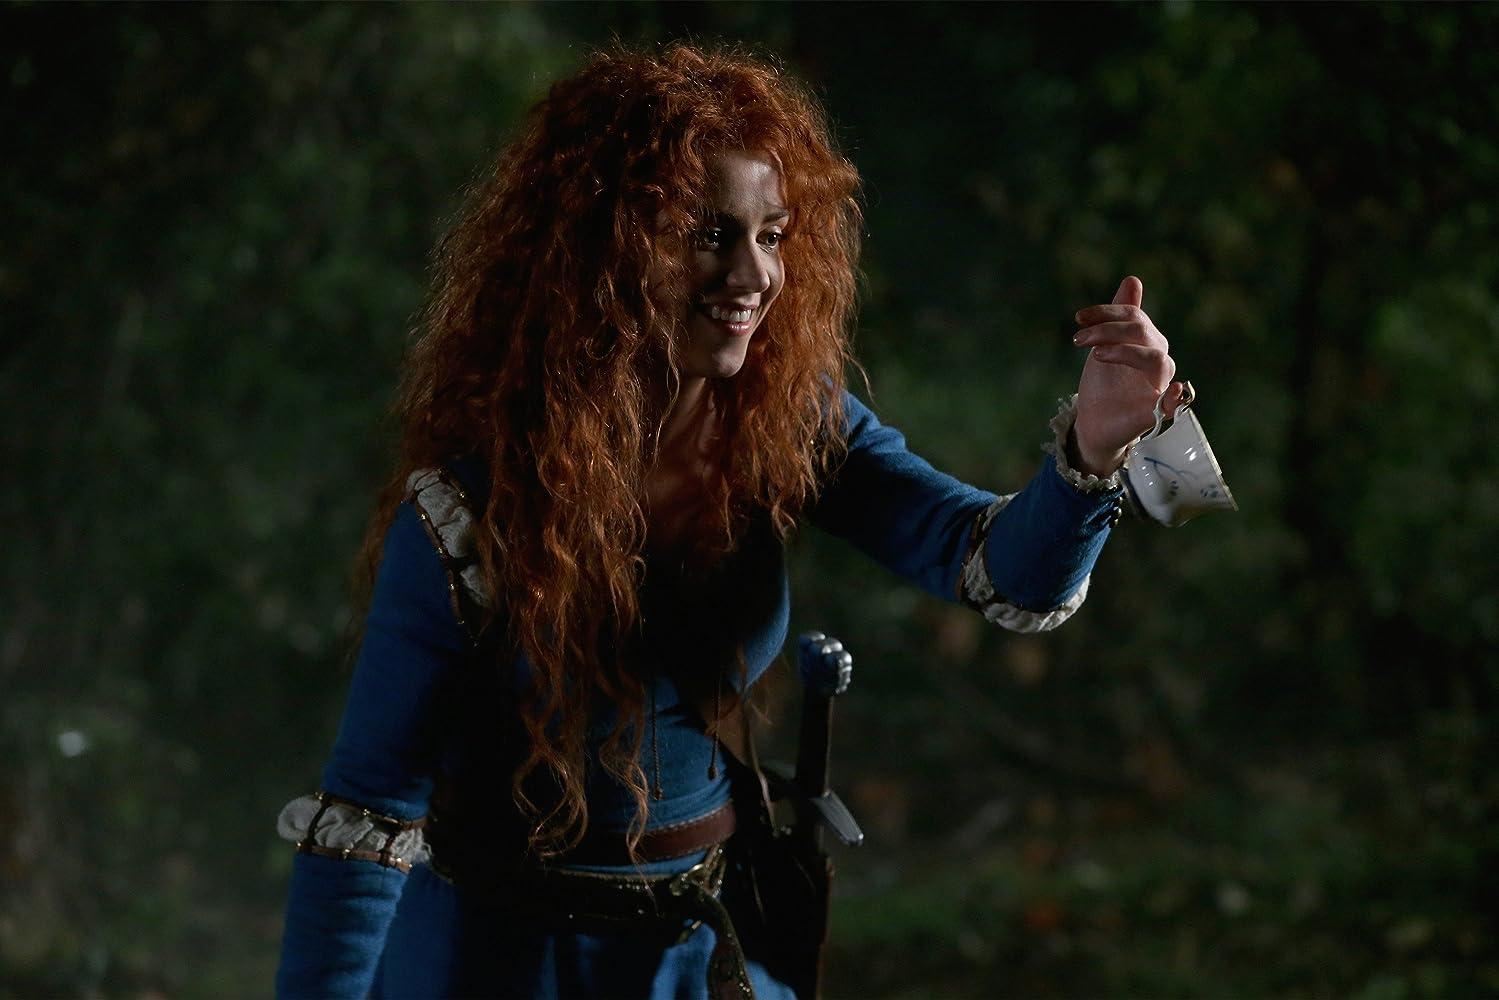 славится мерида однажды в сказке актриса фото означает имя инесса